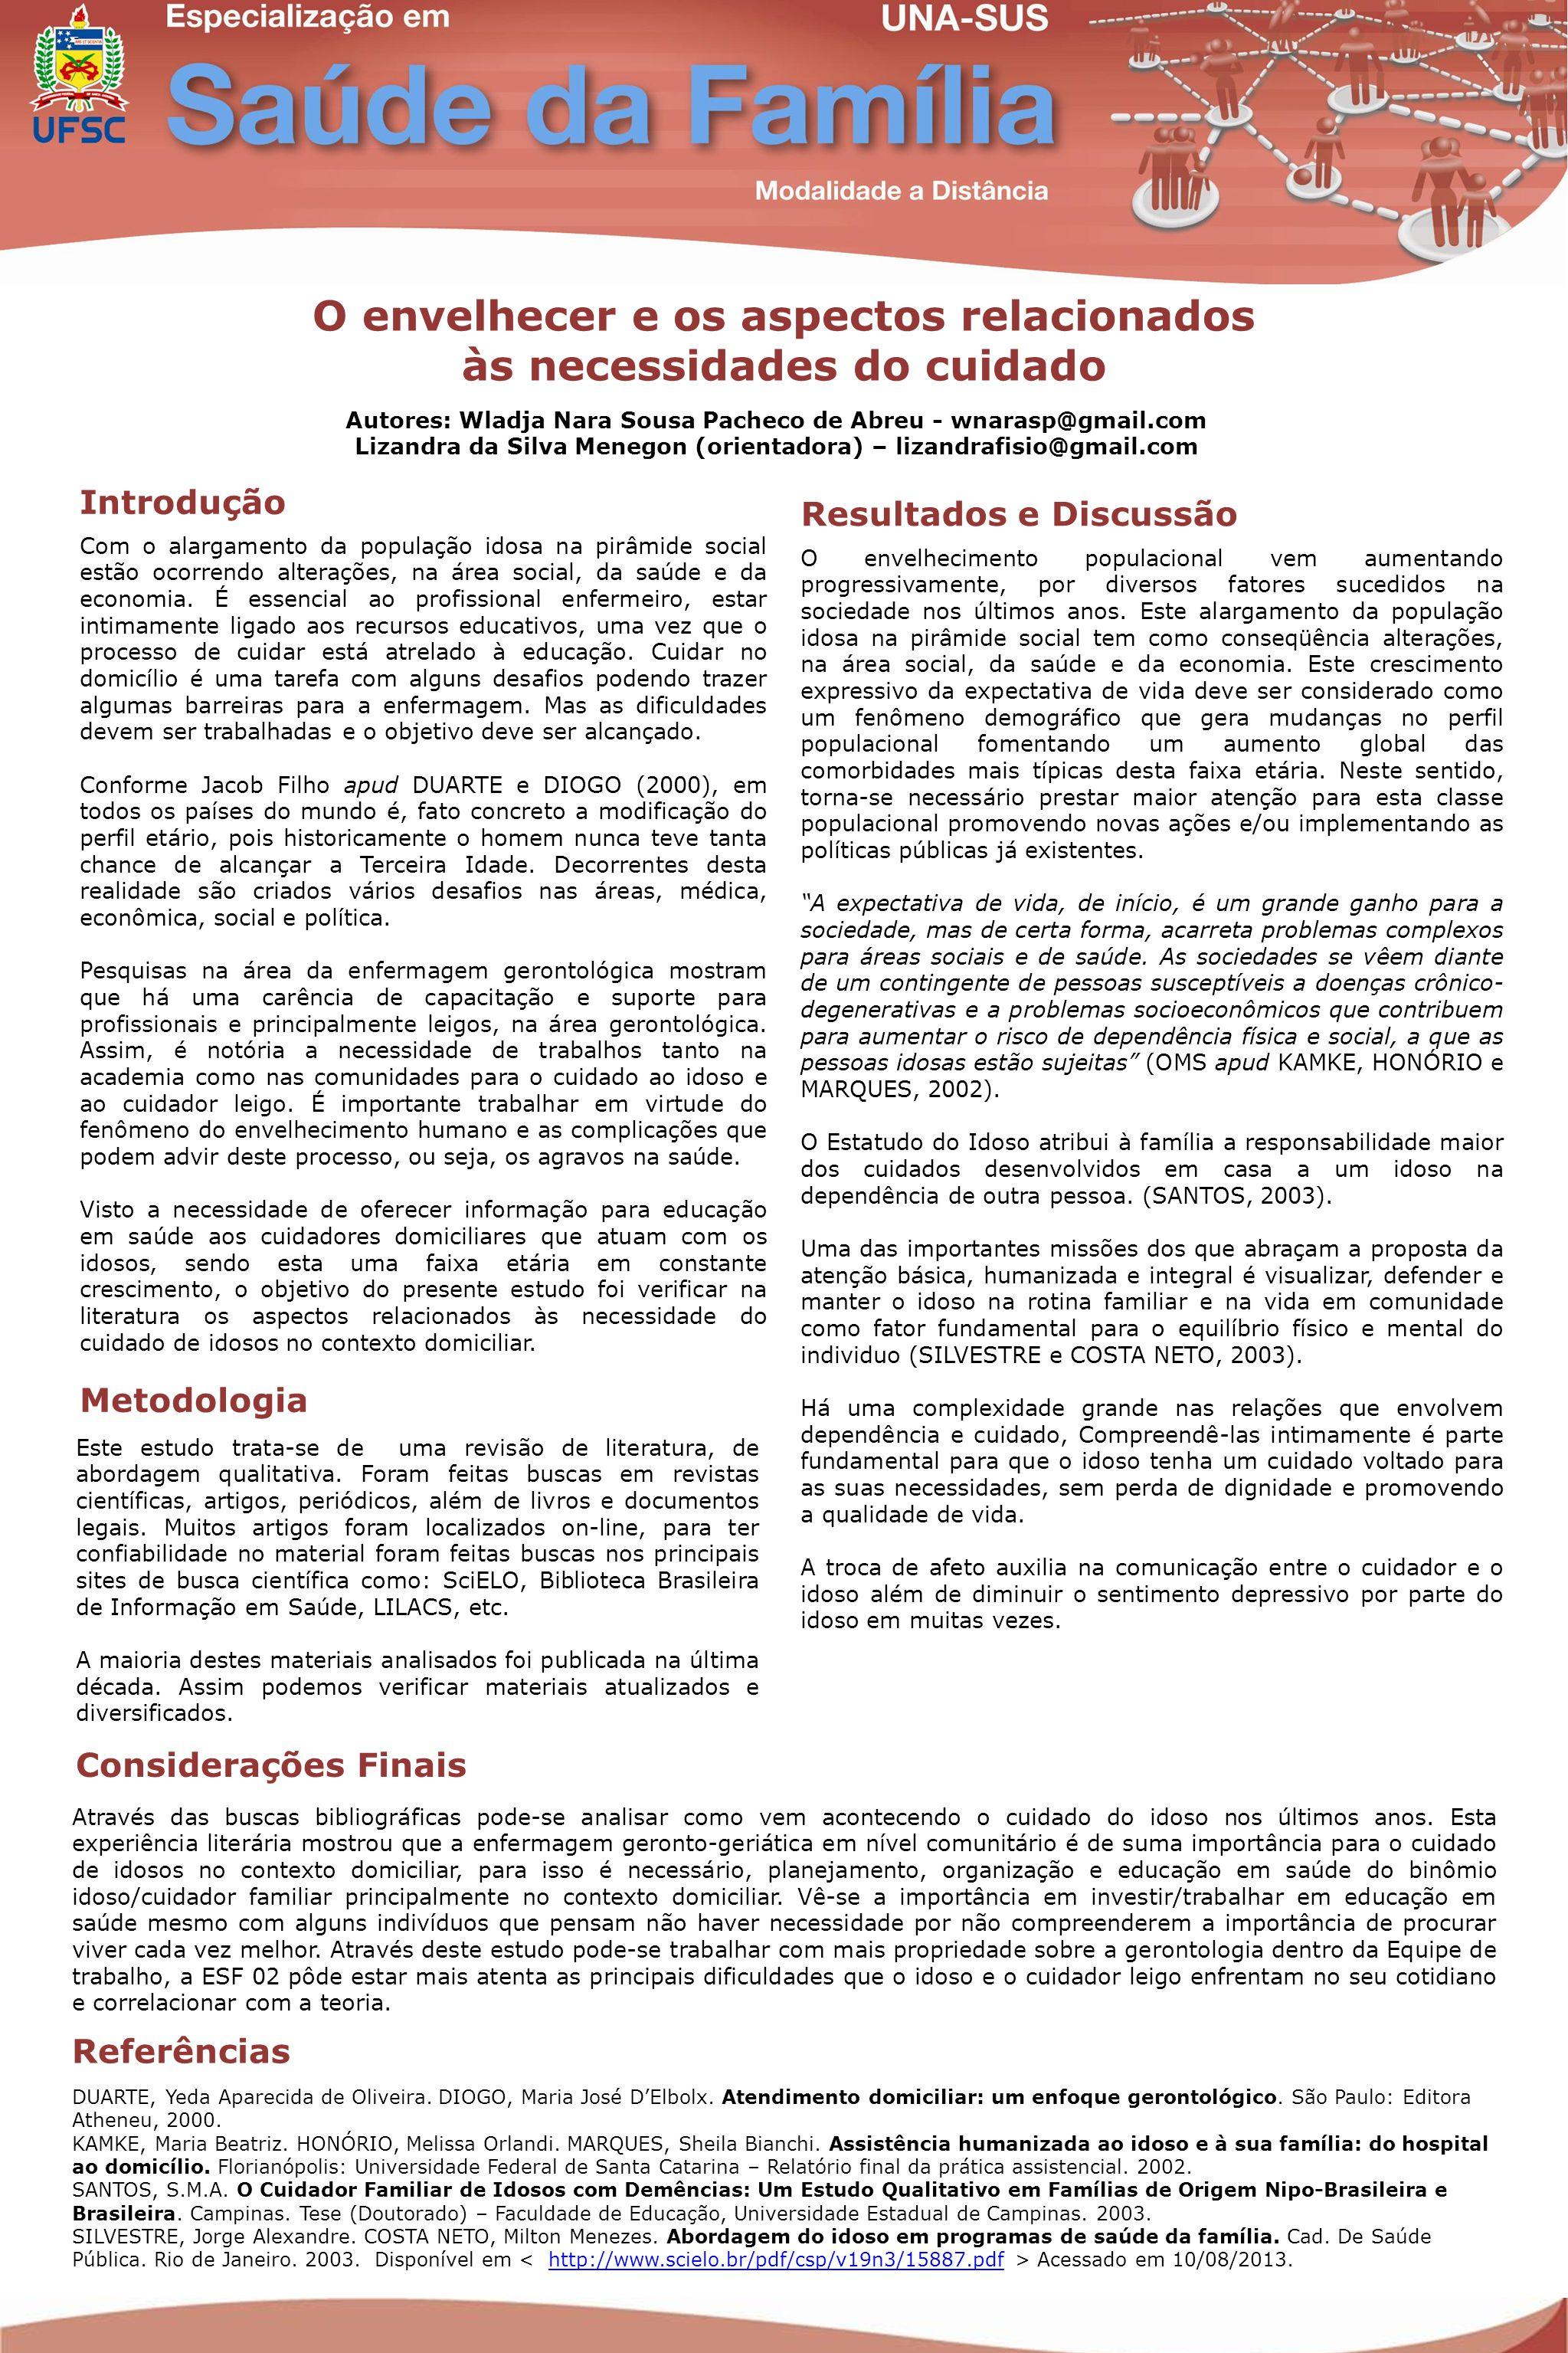 Introdução Metodologia Resultados e Discussão Considerações Finais O envelhecer e os aspectos relacionados às necessidades do cuidado Autores: Wladja